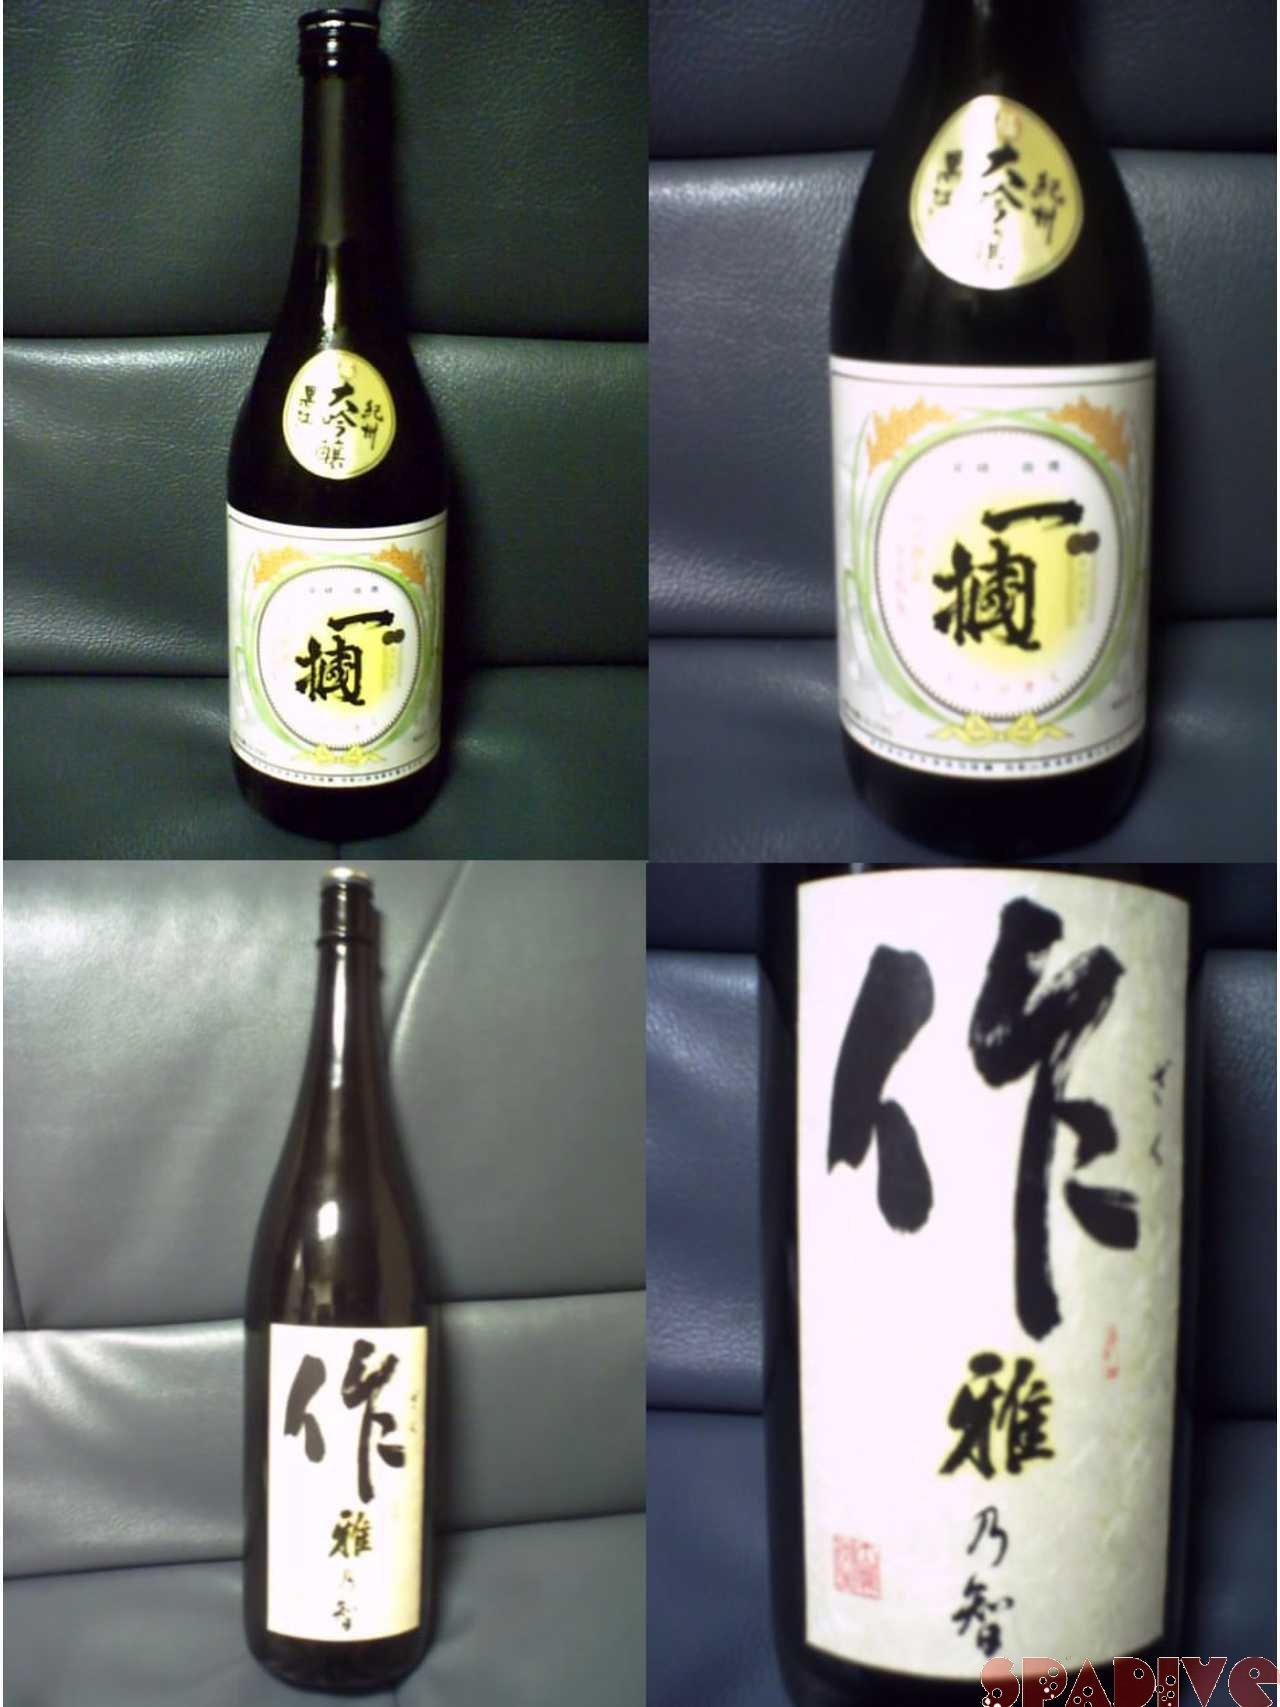 おいしい地酒 一掴 大吟醸 作 雅乃智 純米吟醸 9/22/2006